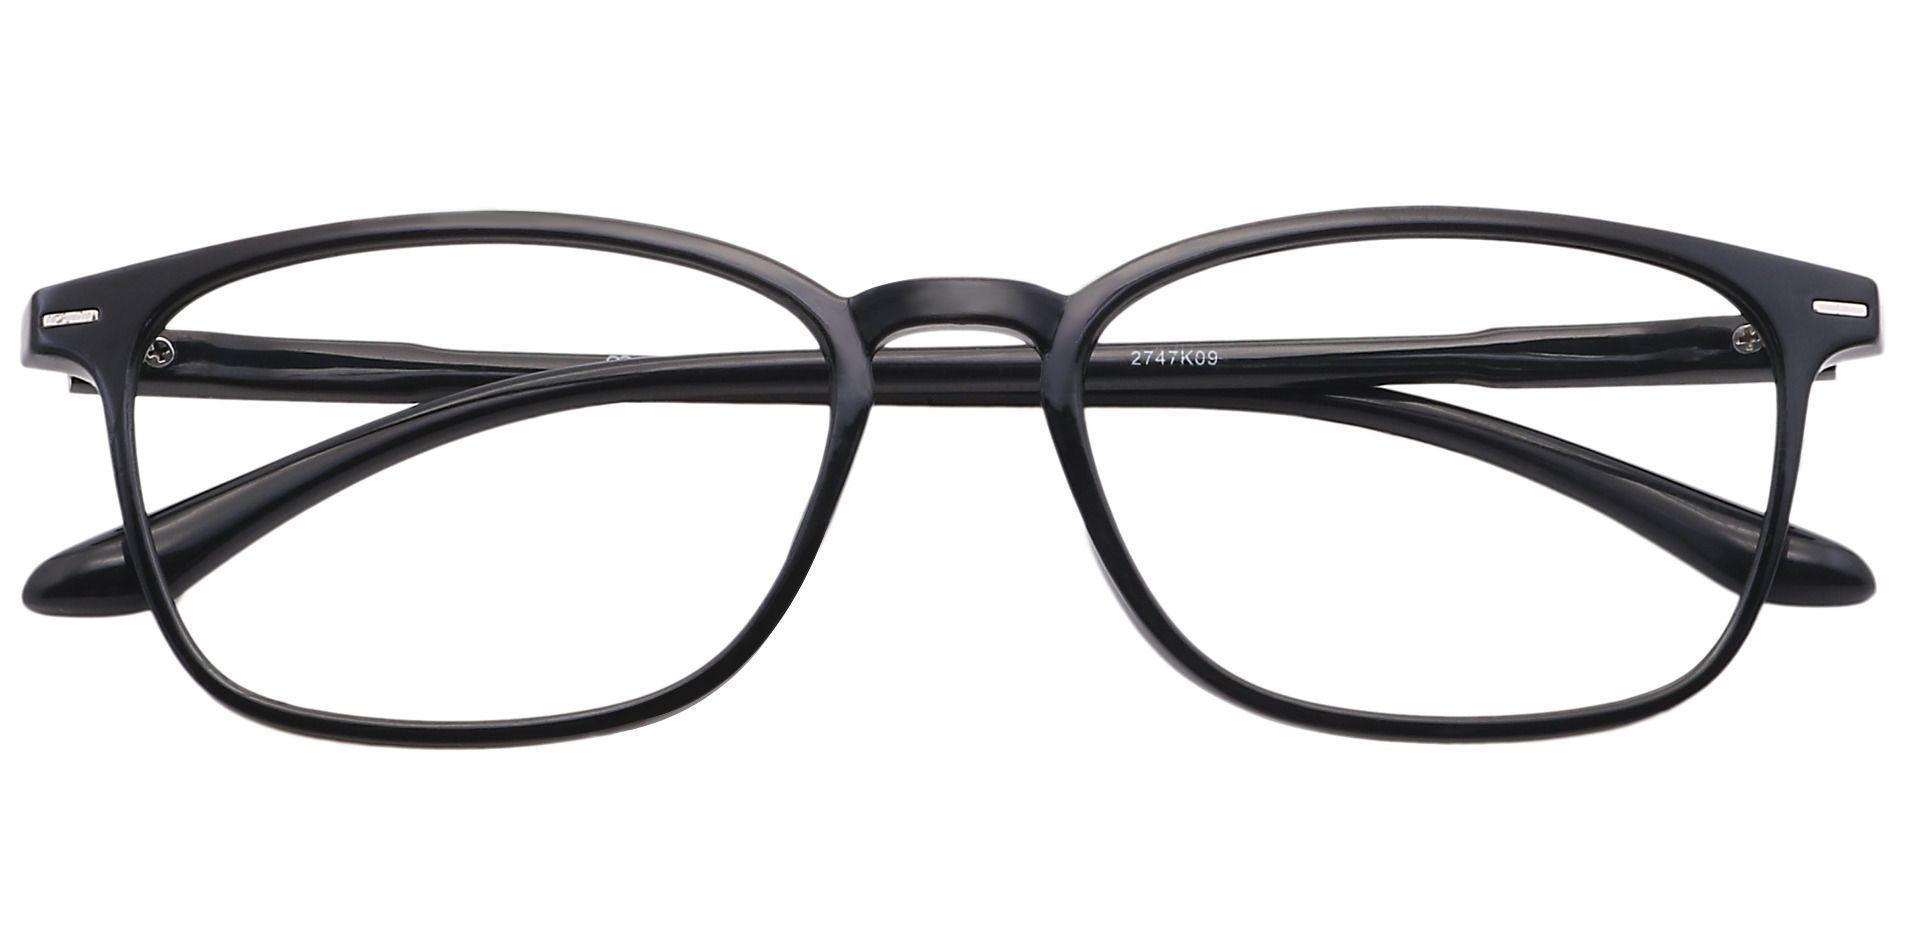 Cabo Oval Prescription Glasses - Black